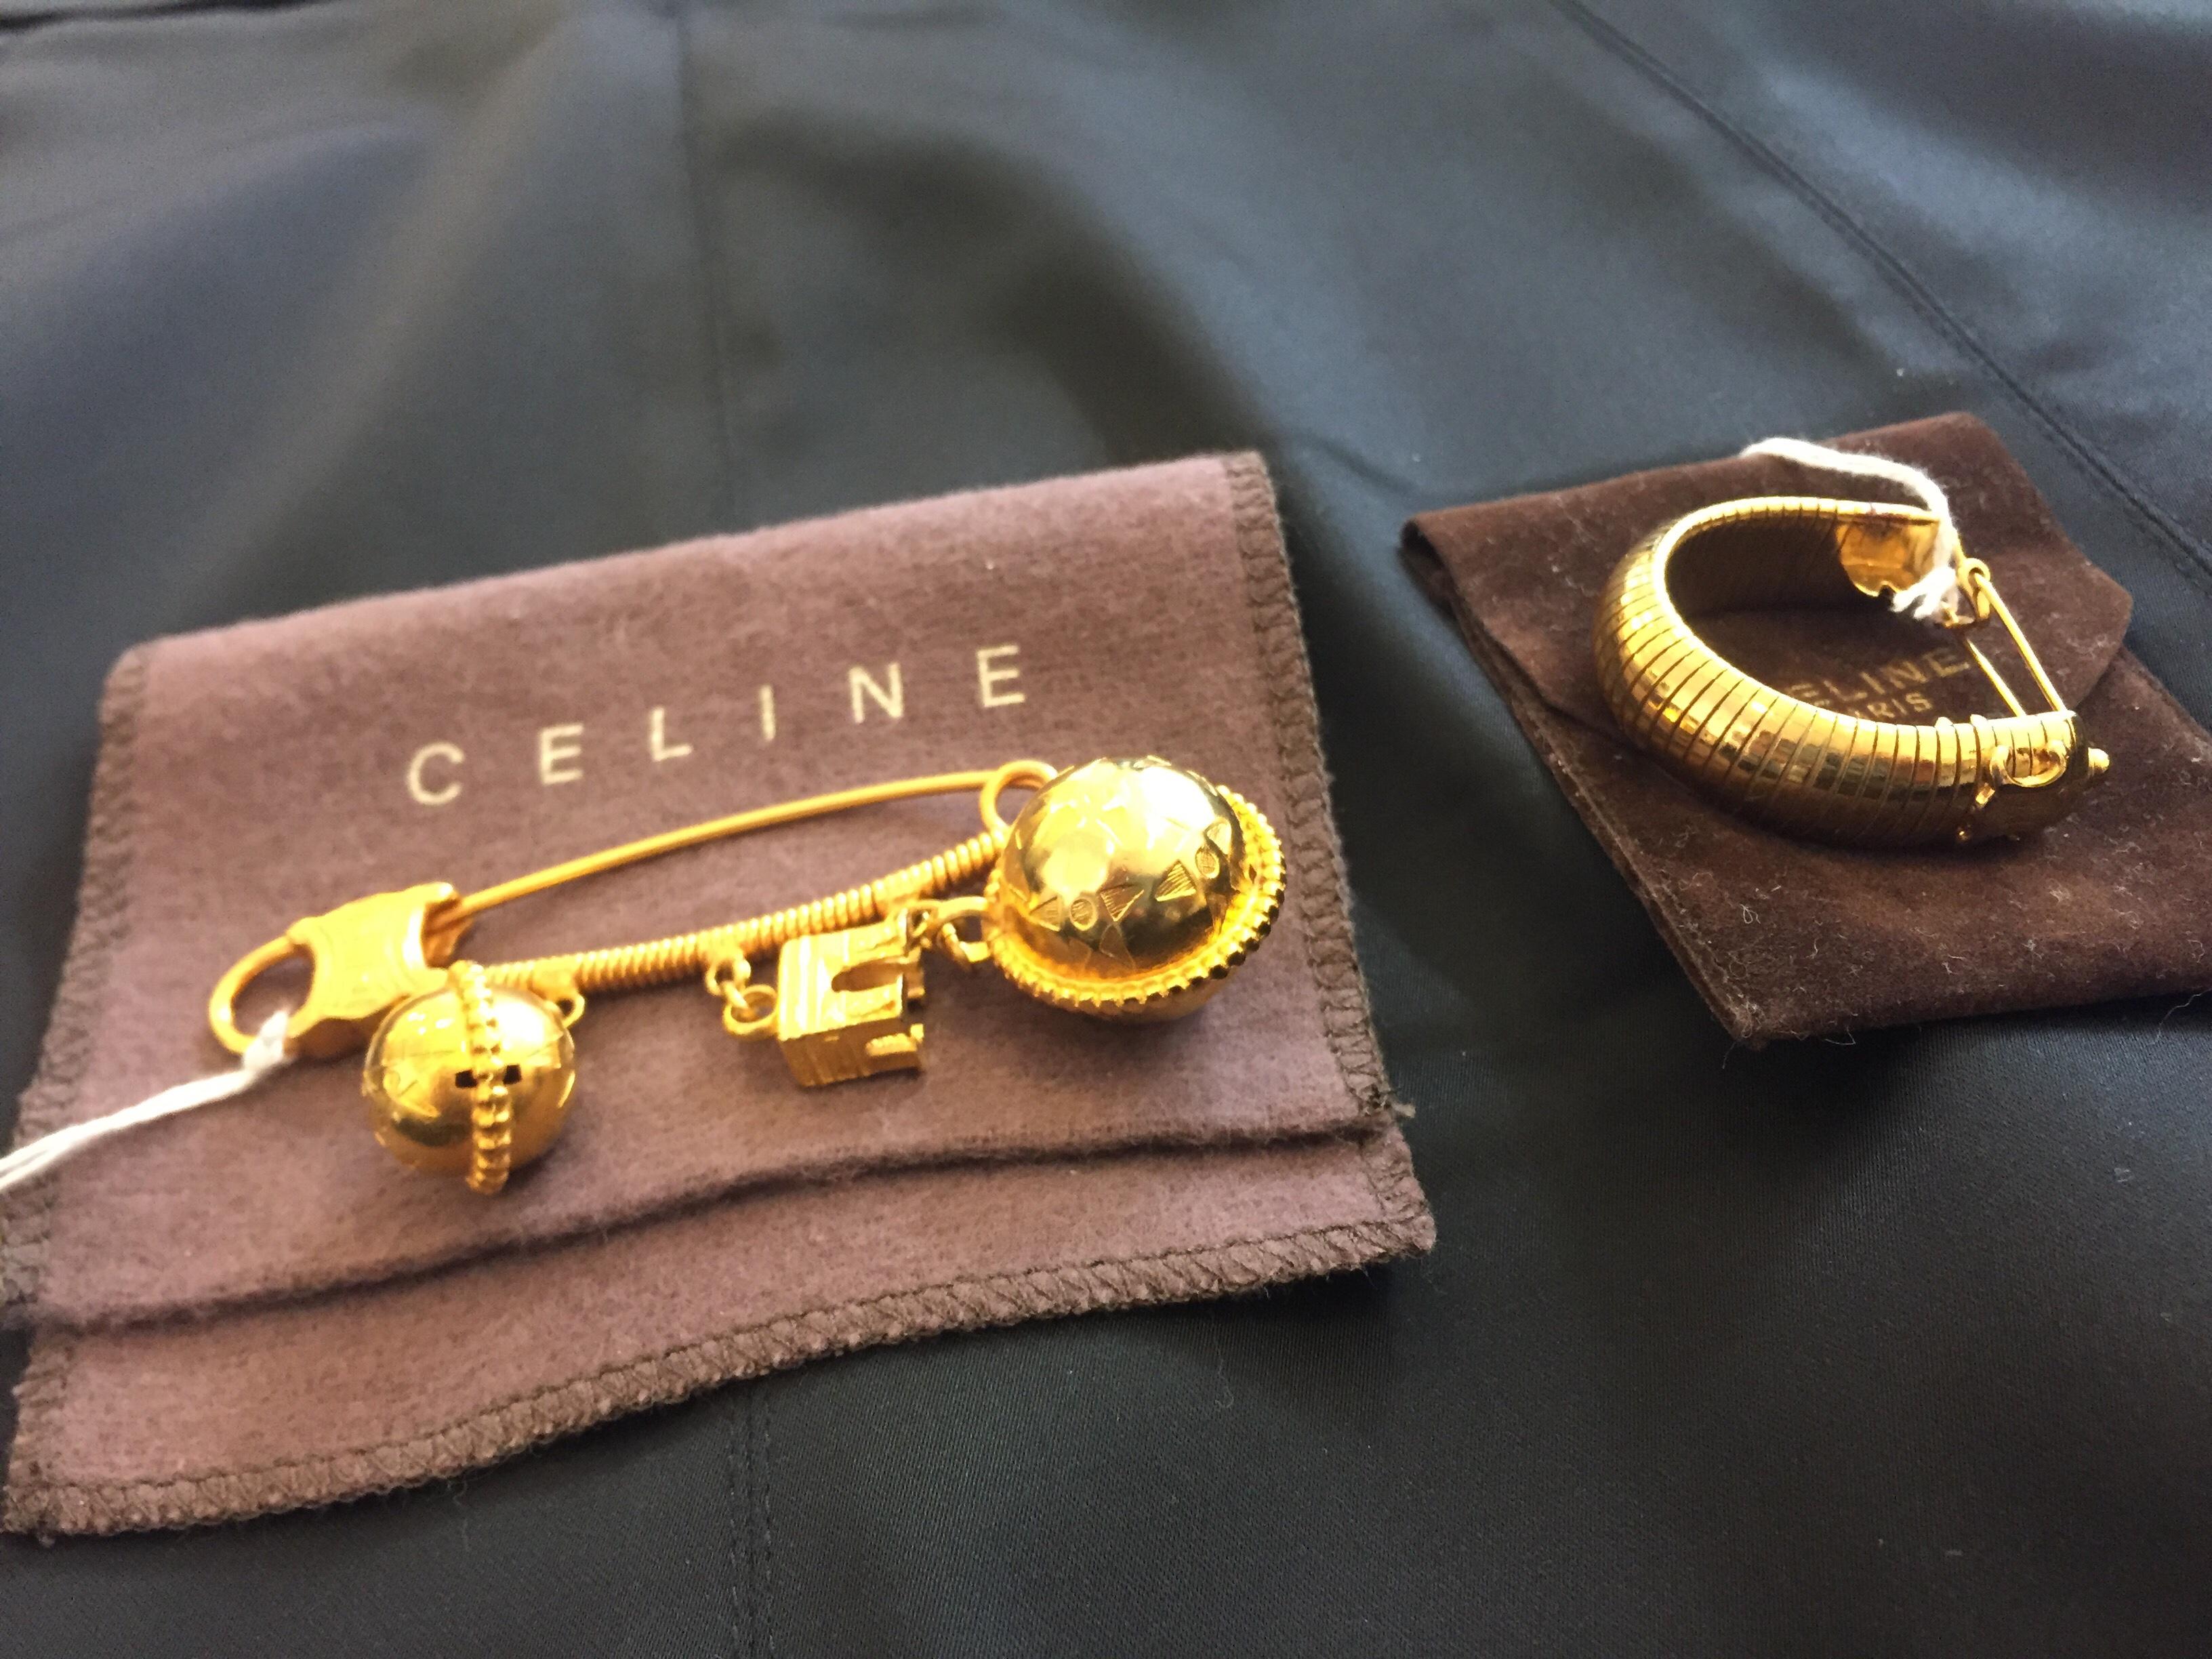 Vackra Accessoarer Från Celine, Broch & Hårsnodd SÅLD